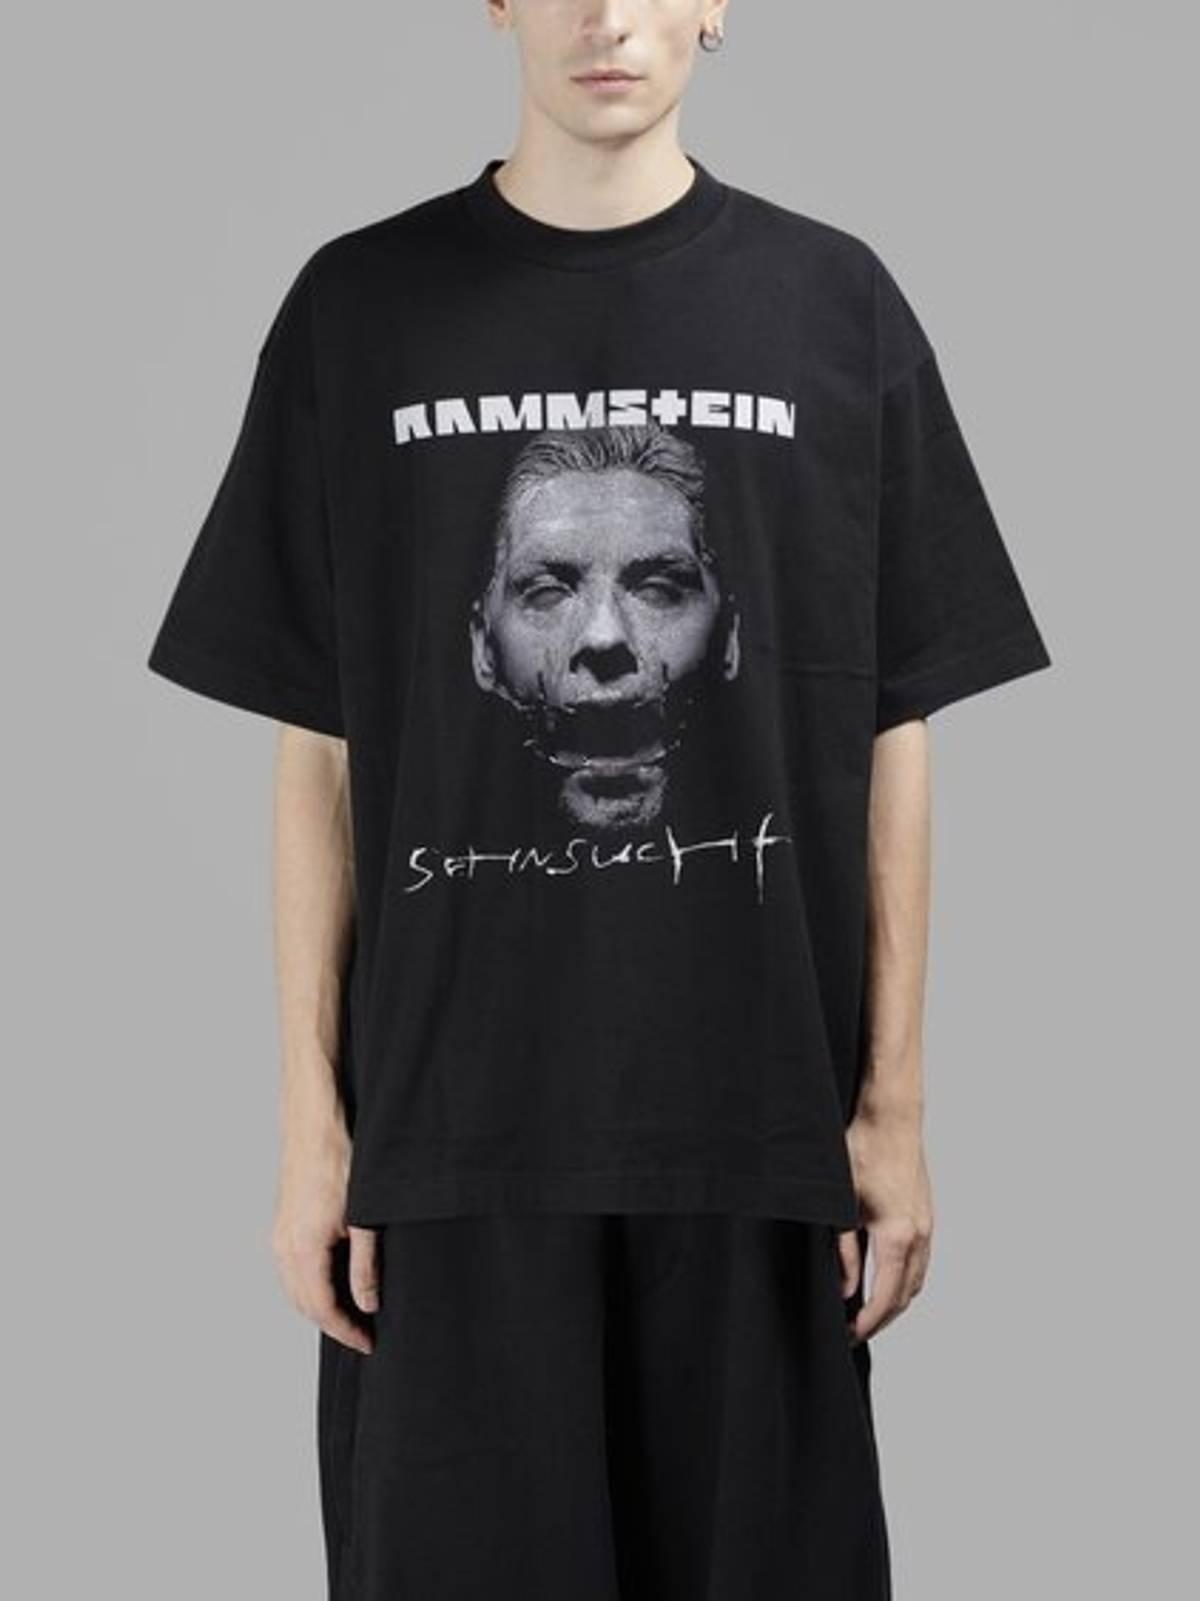 T Shirt Price